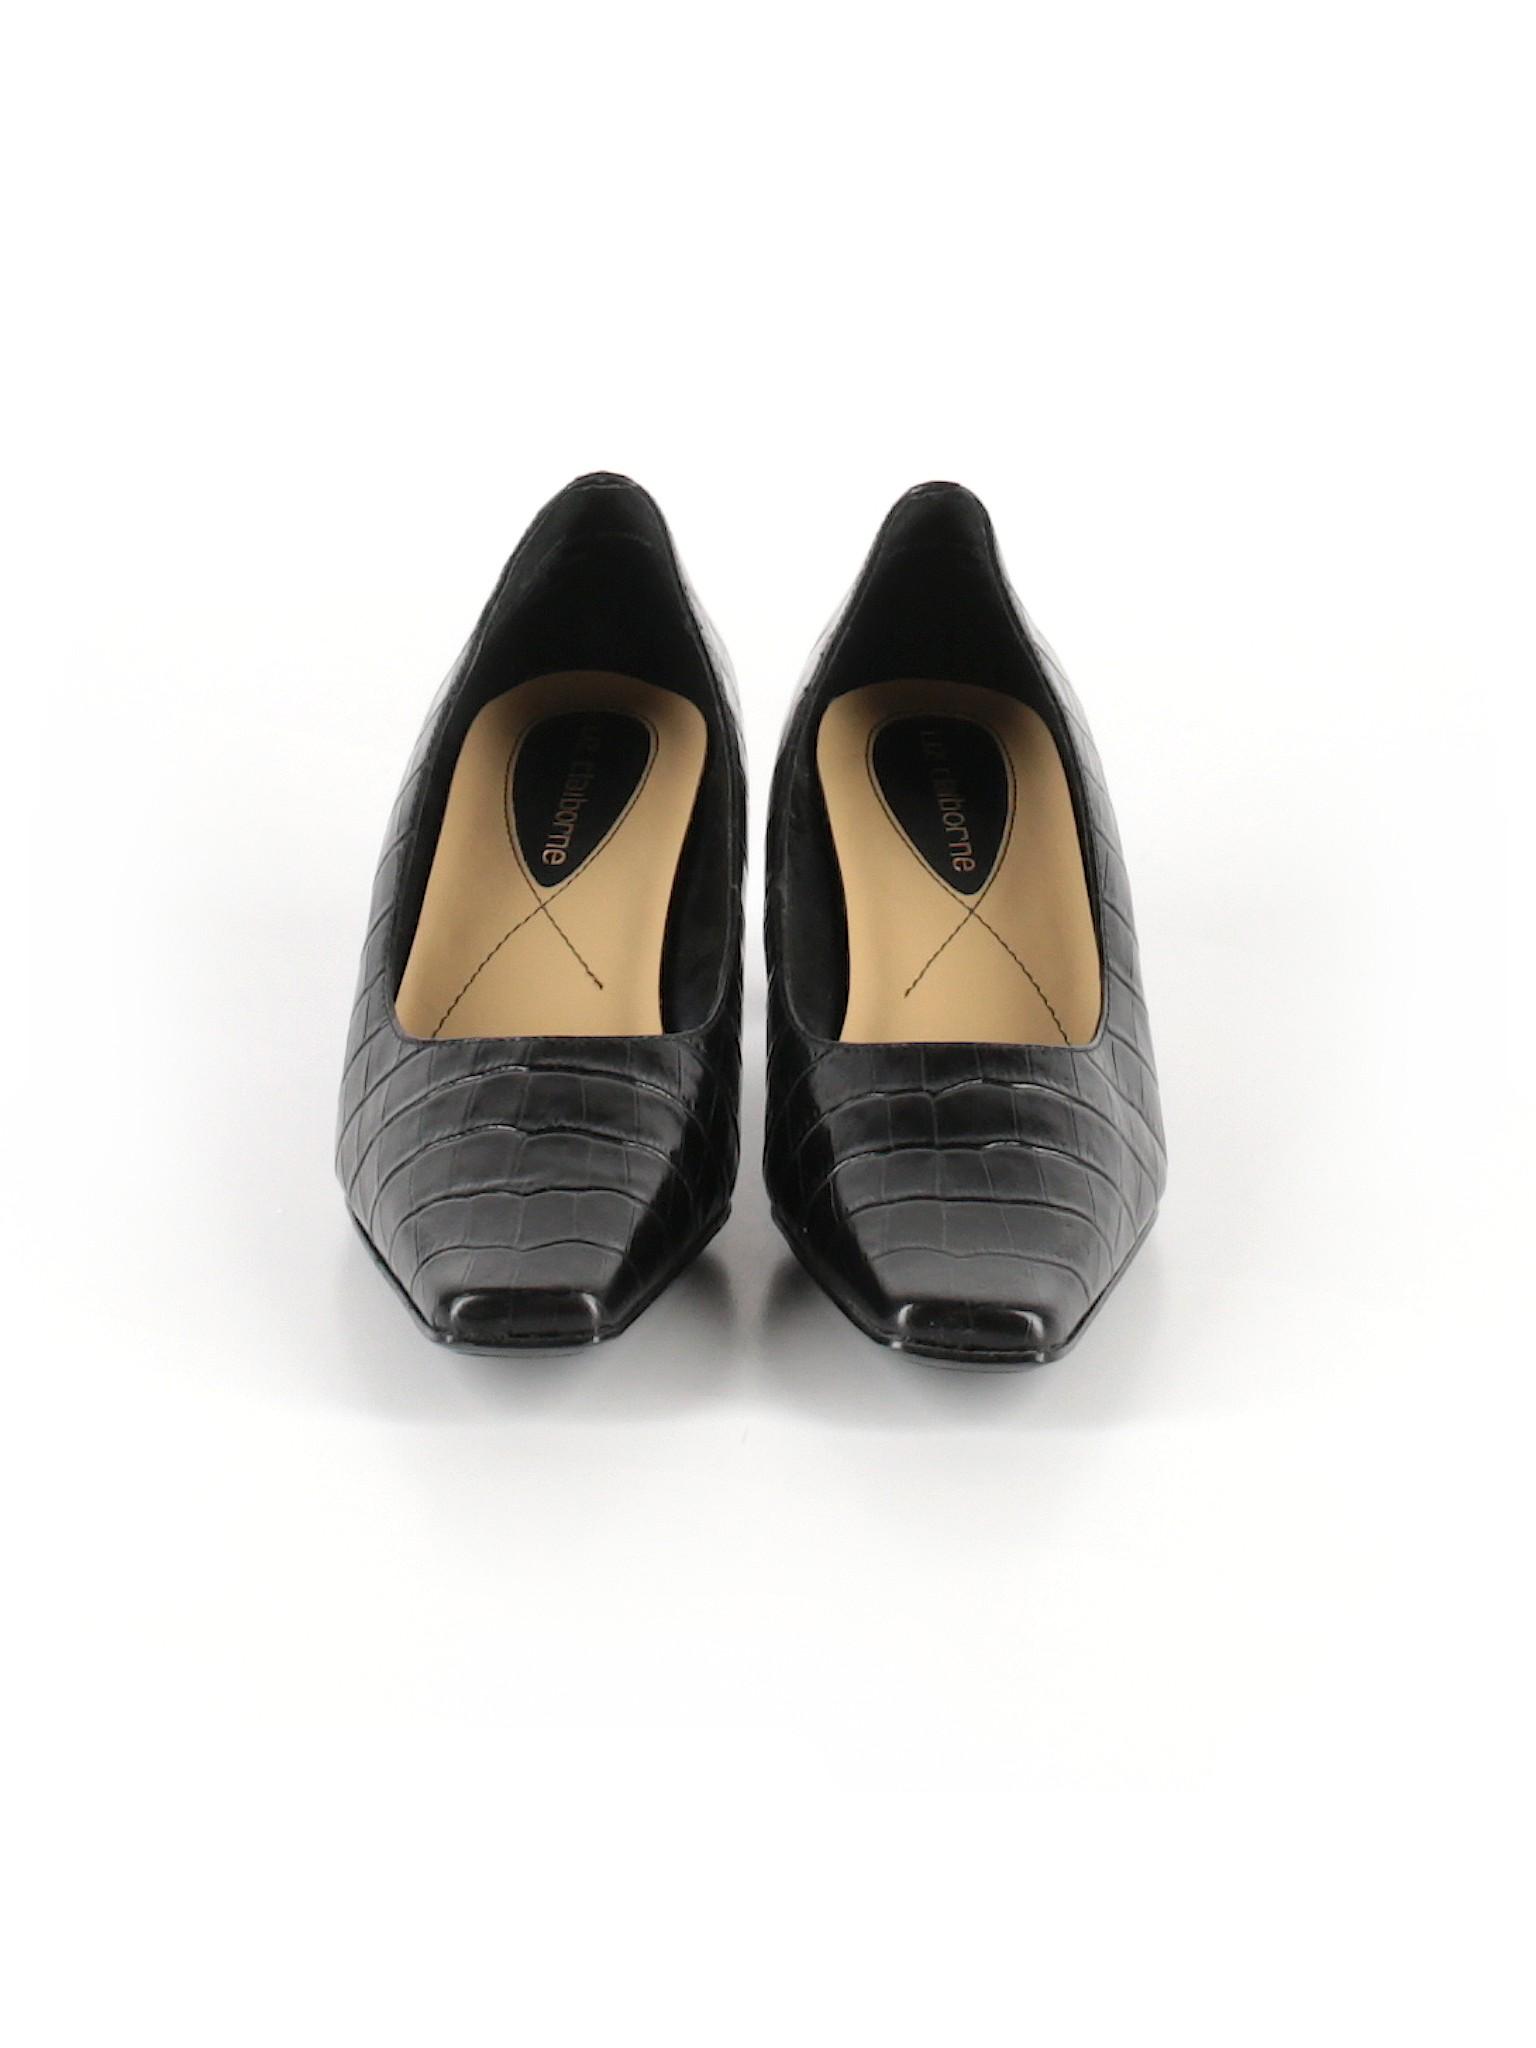 Boutique Boutique Claiborne Liz promotion promotion Heels xqOwgH